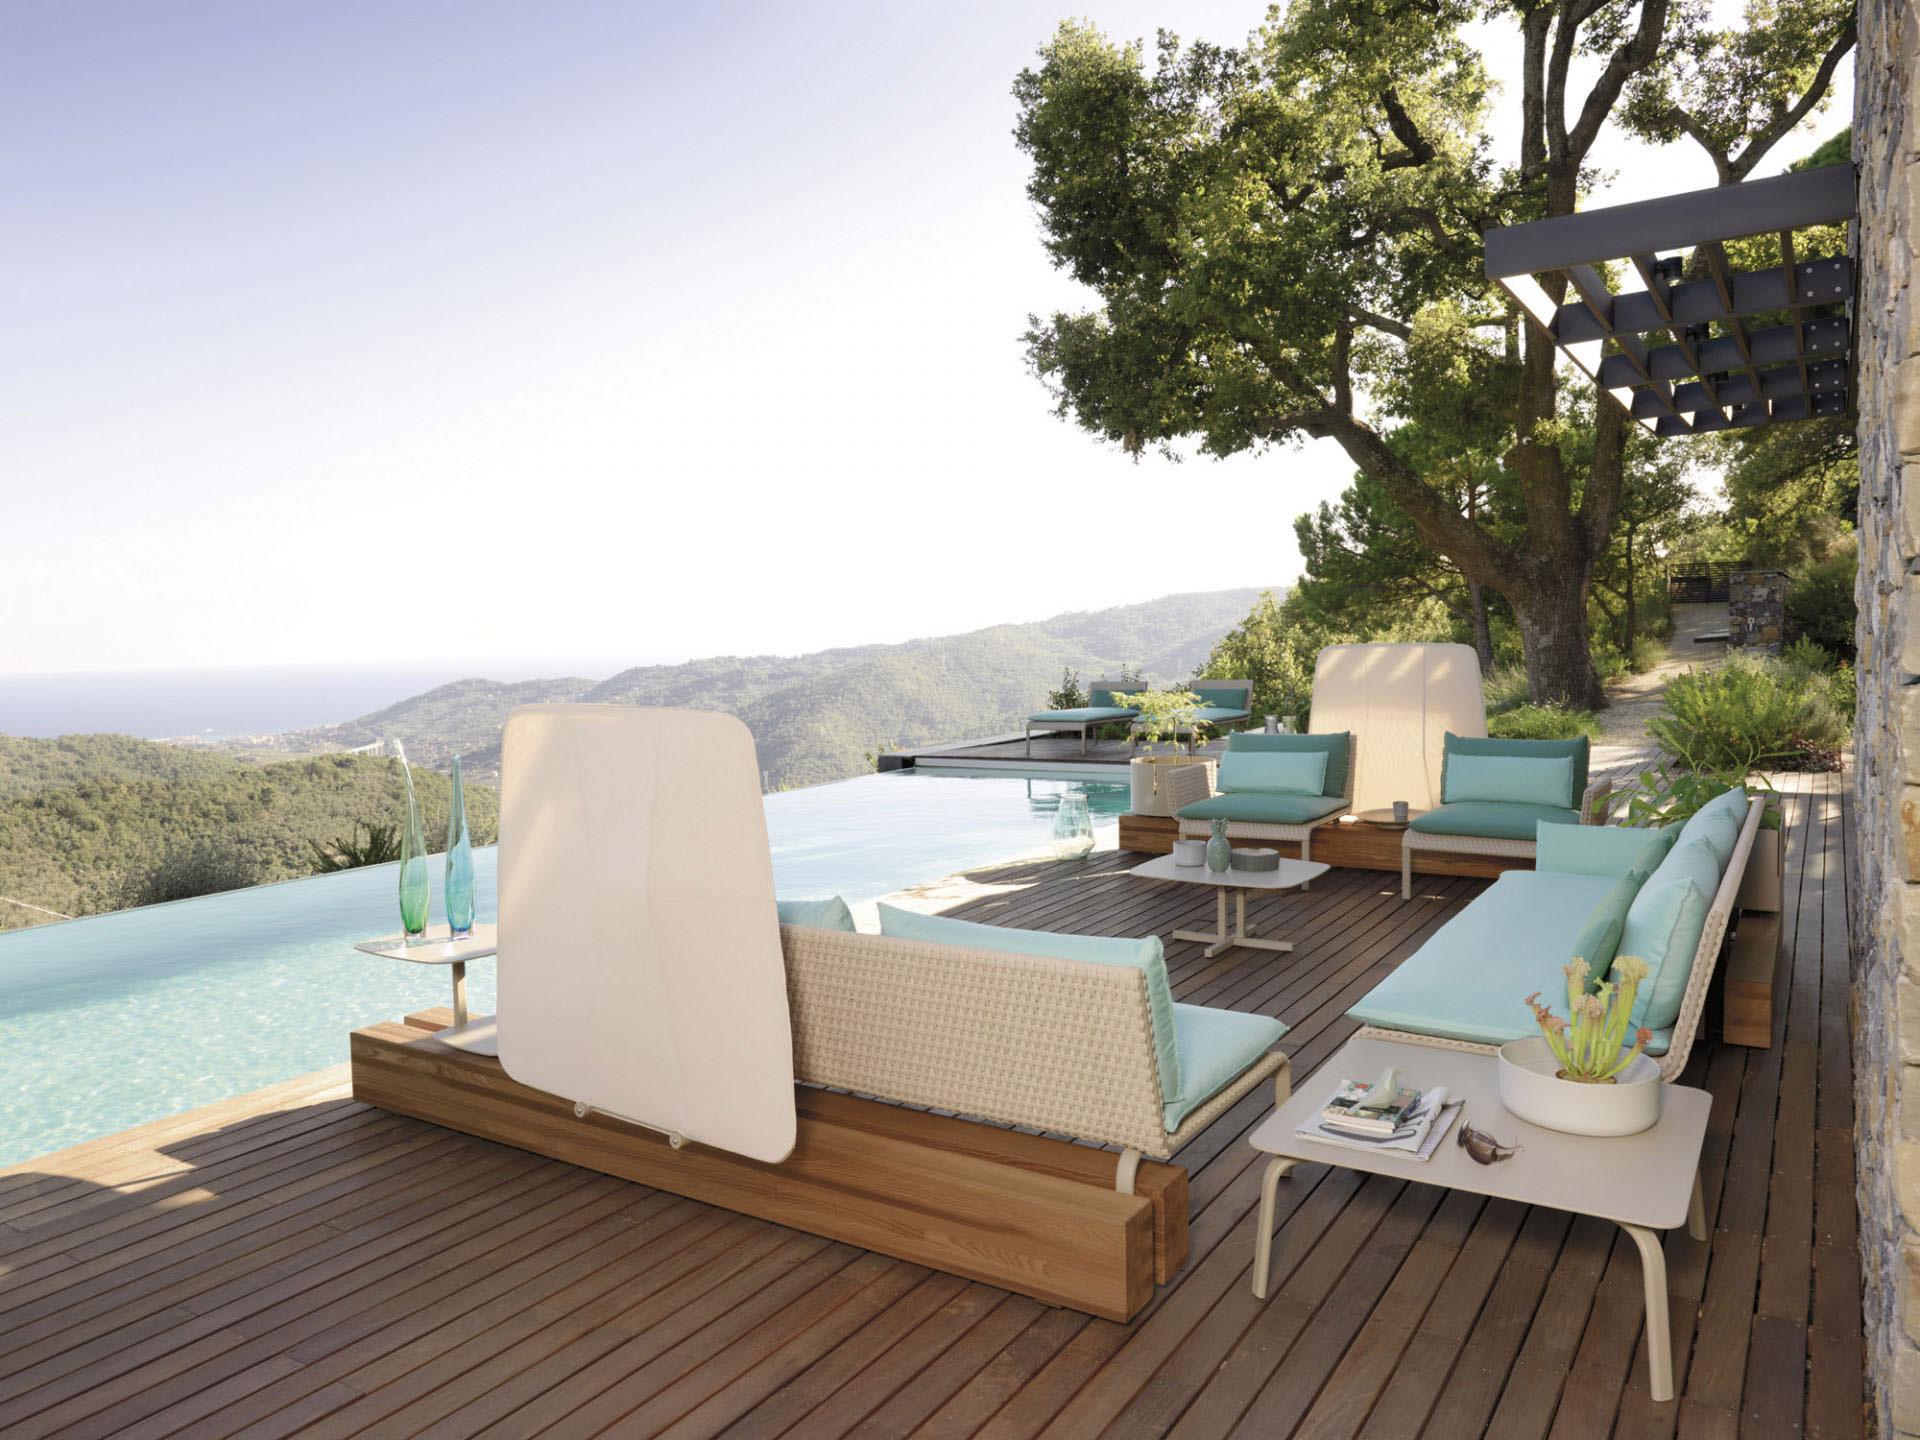 wooden modern sofa set for outdoor use, xilino me alouminio exoterikou xorou setaki, xilines polithrones me kanape exoterikou xorou, outdoor furniture, outdoor coffee and side tables,